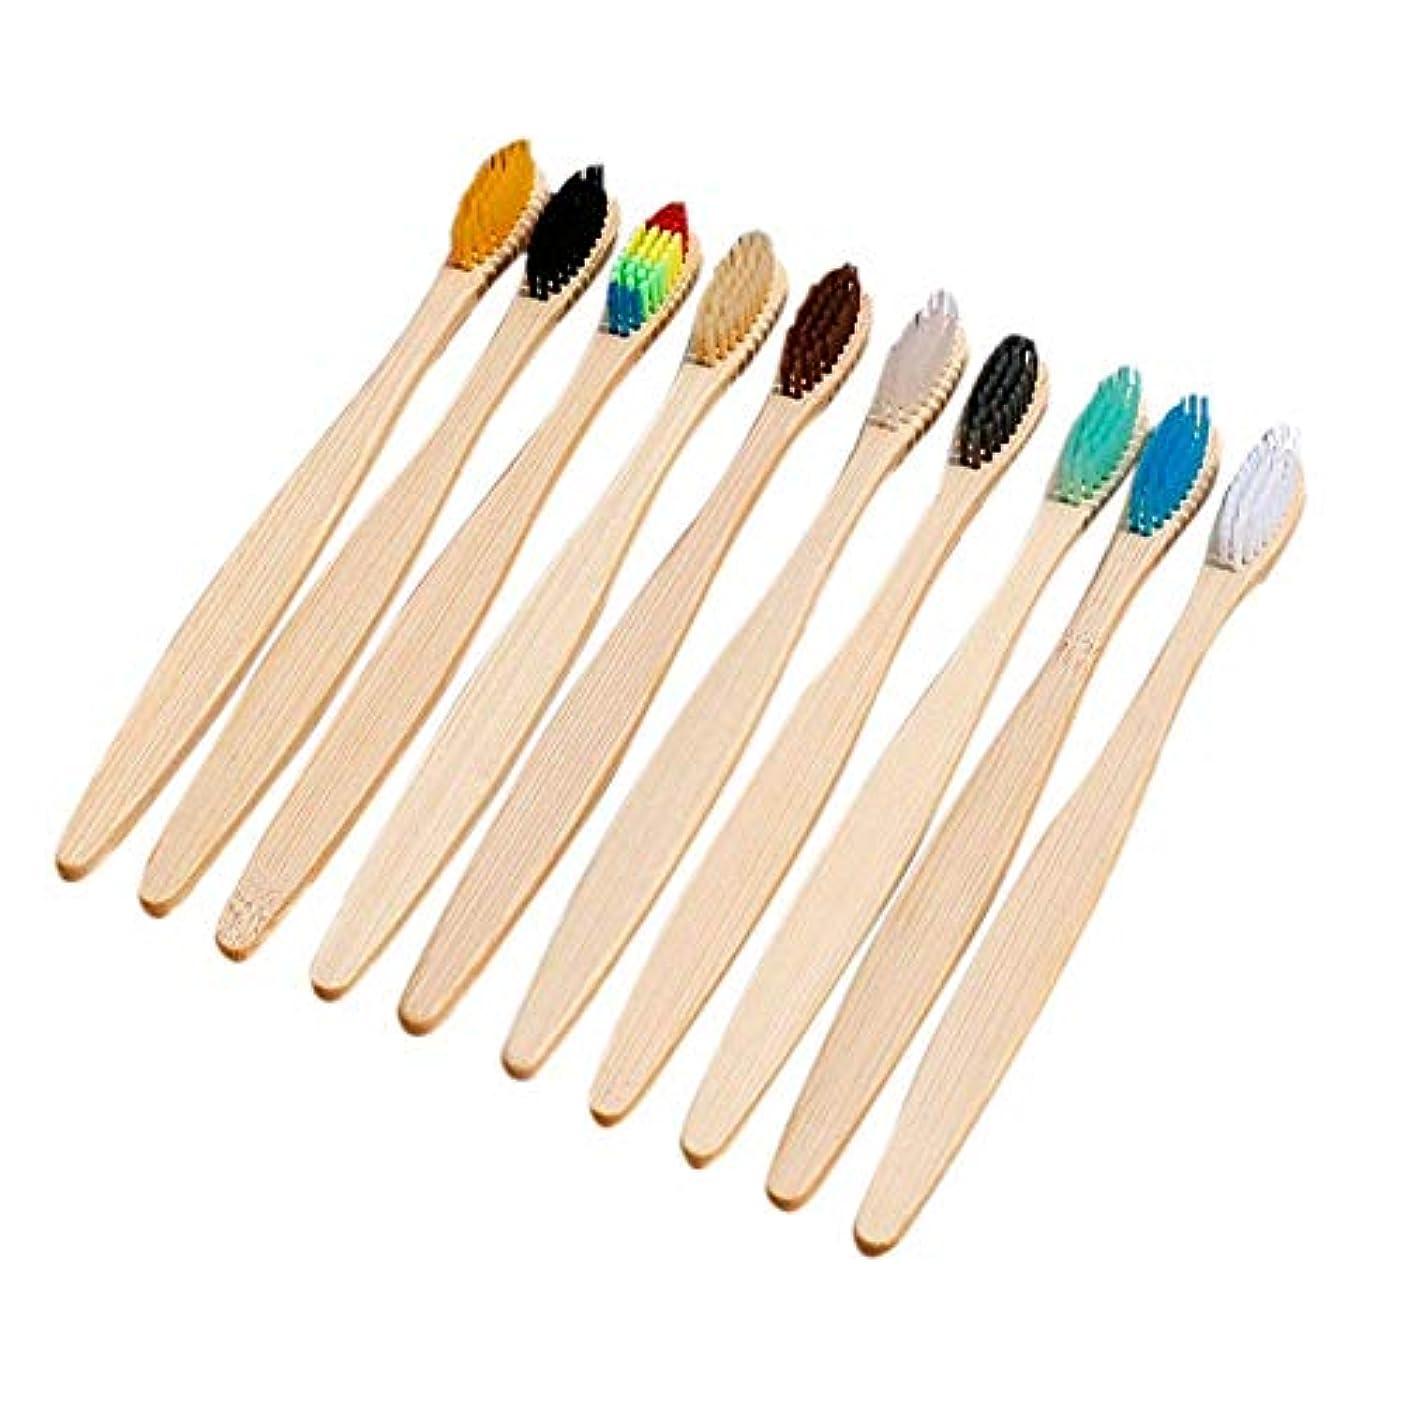 速記バッテリー耕すMing-Dian 柔らかい毛の大人の歯ブラシ口腔ケアのために環境に優しい竹の歯ブラシ